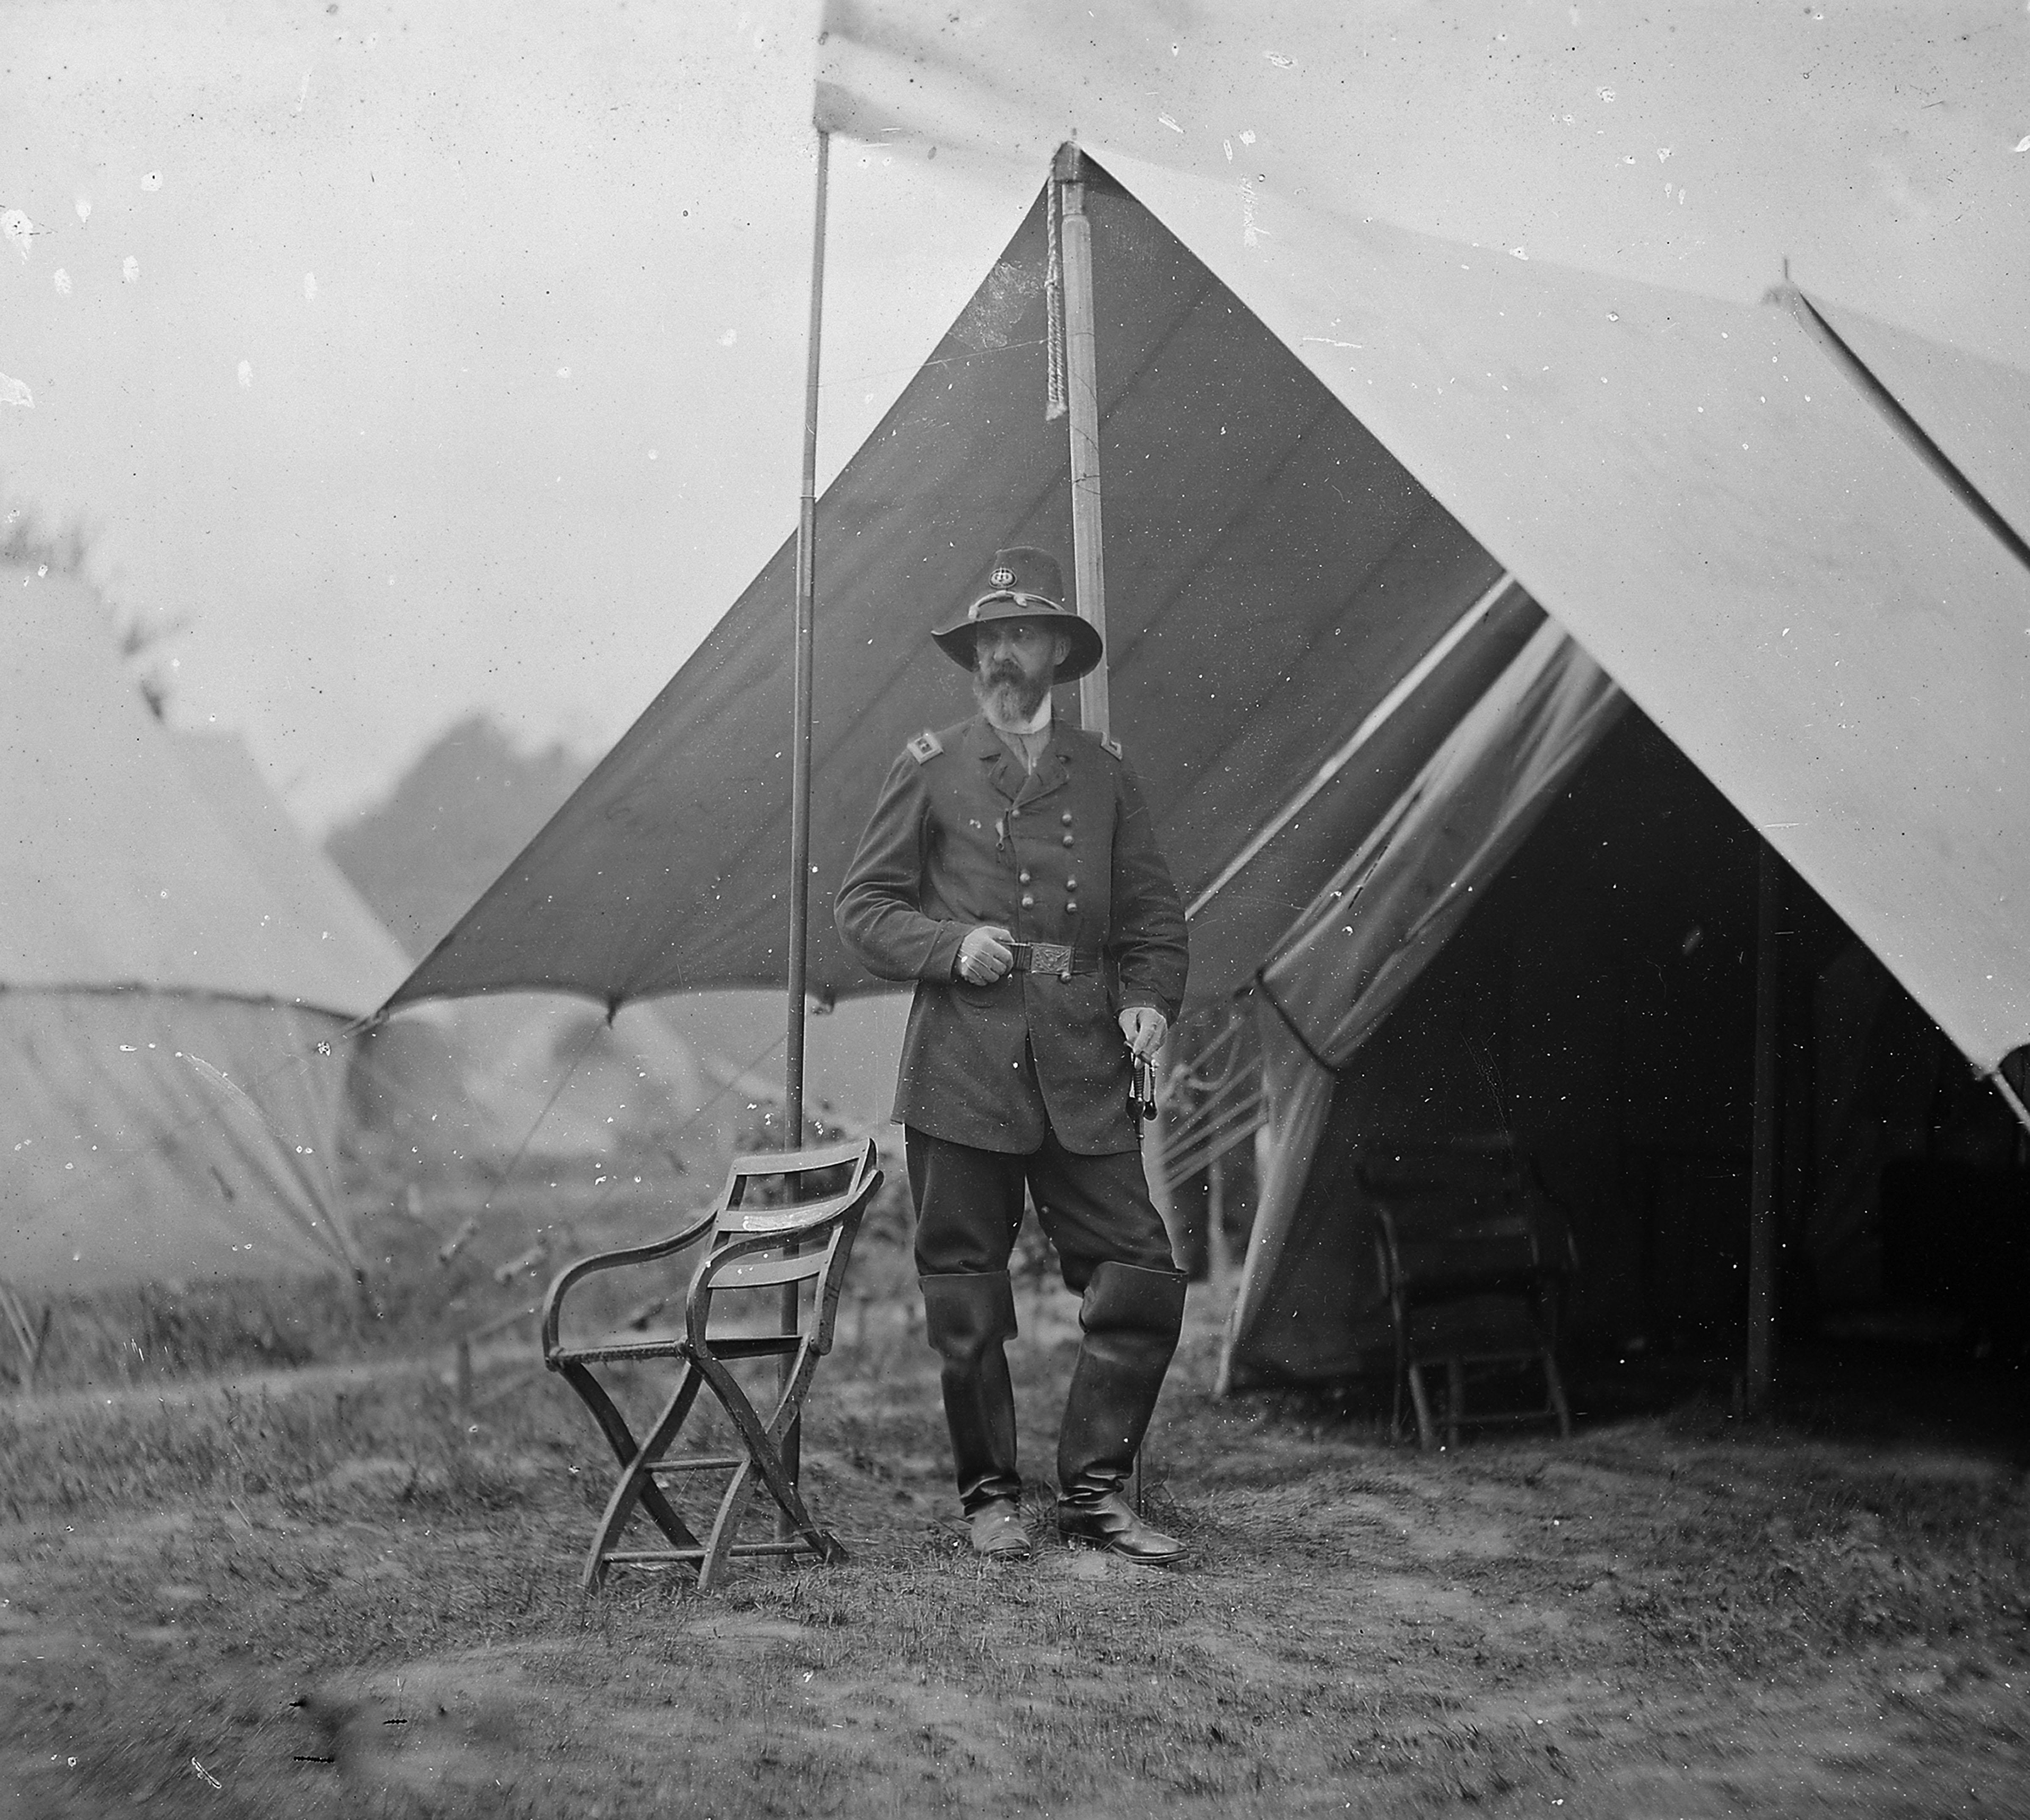 General George Gordon Meade Defeated Lee At Gettysburg